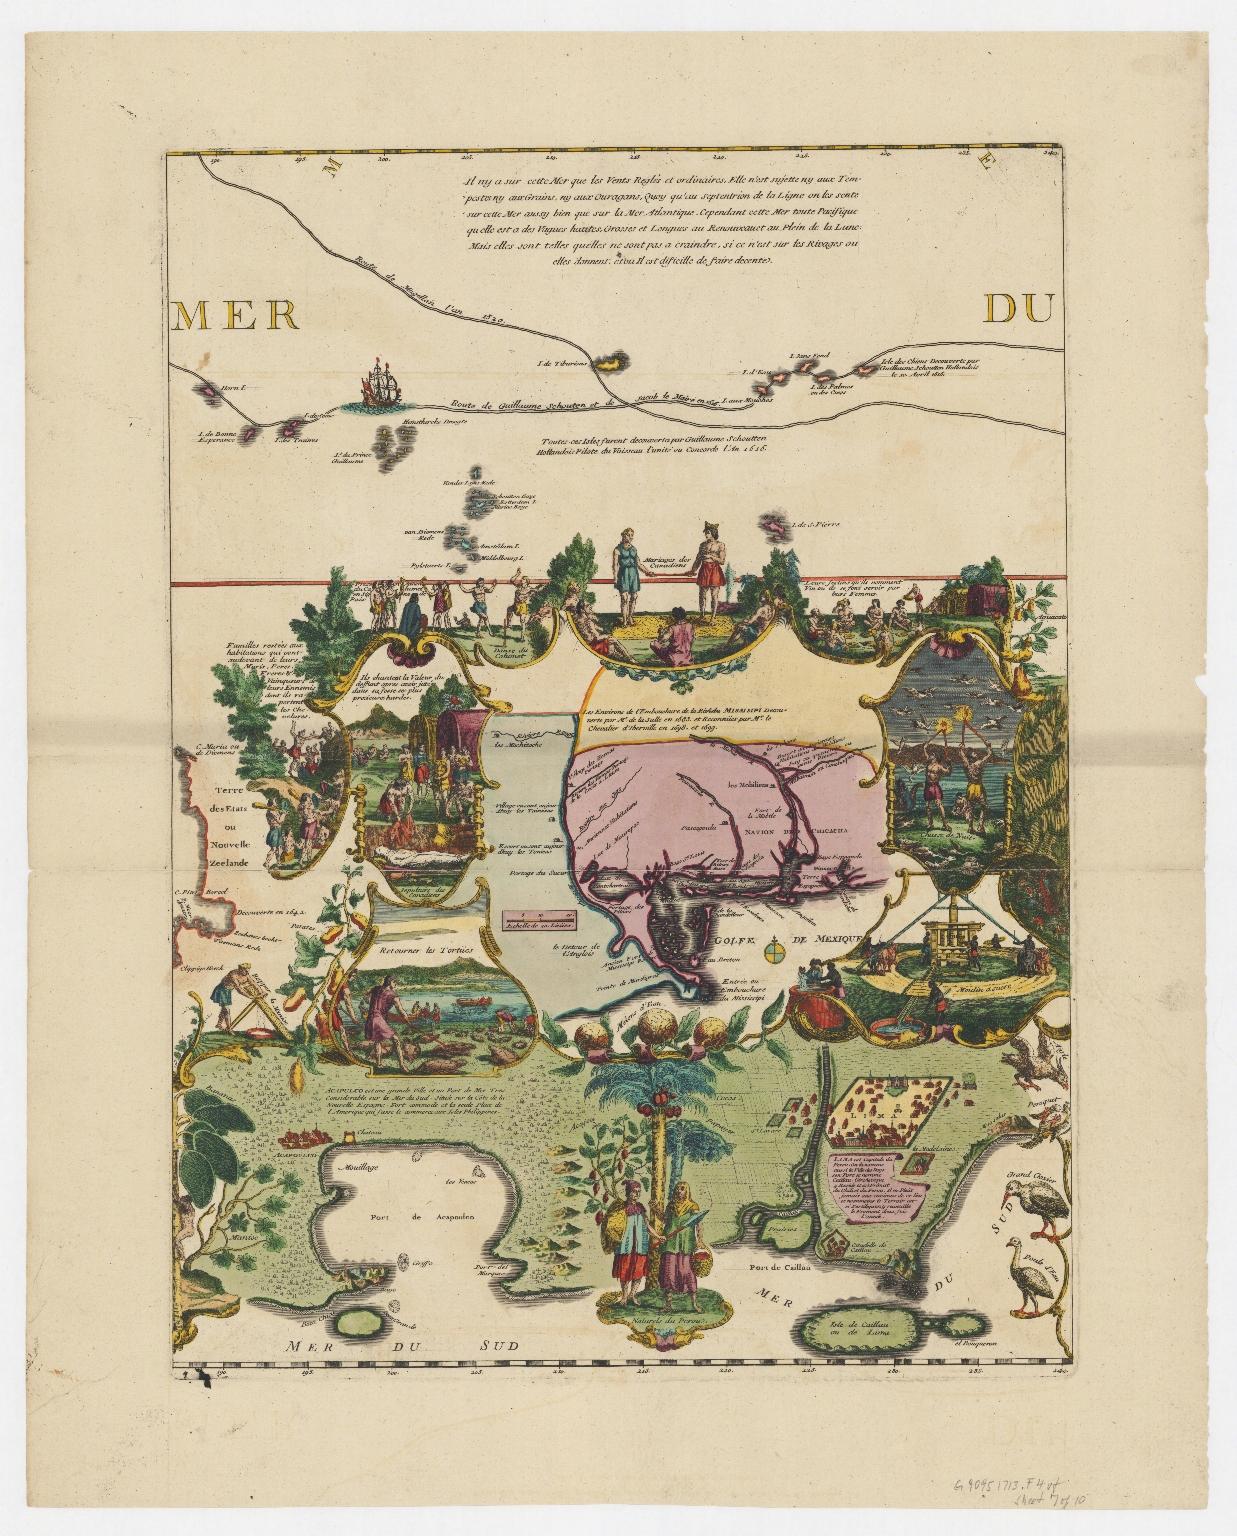 Carte de la Mer du Sud et de la Mer du Nord : ou se trouve les costes d'Amerique, d'Asie, d'Europe et d'Afrique situées sur ces mers. Part 7